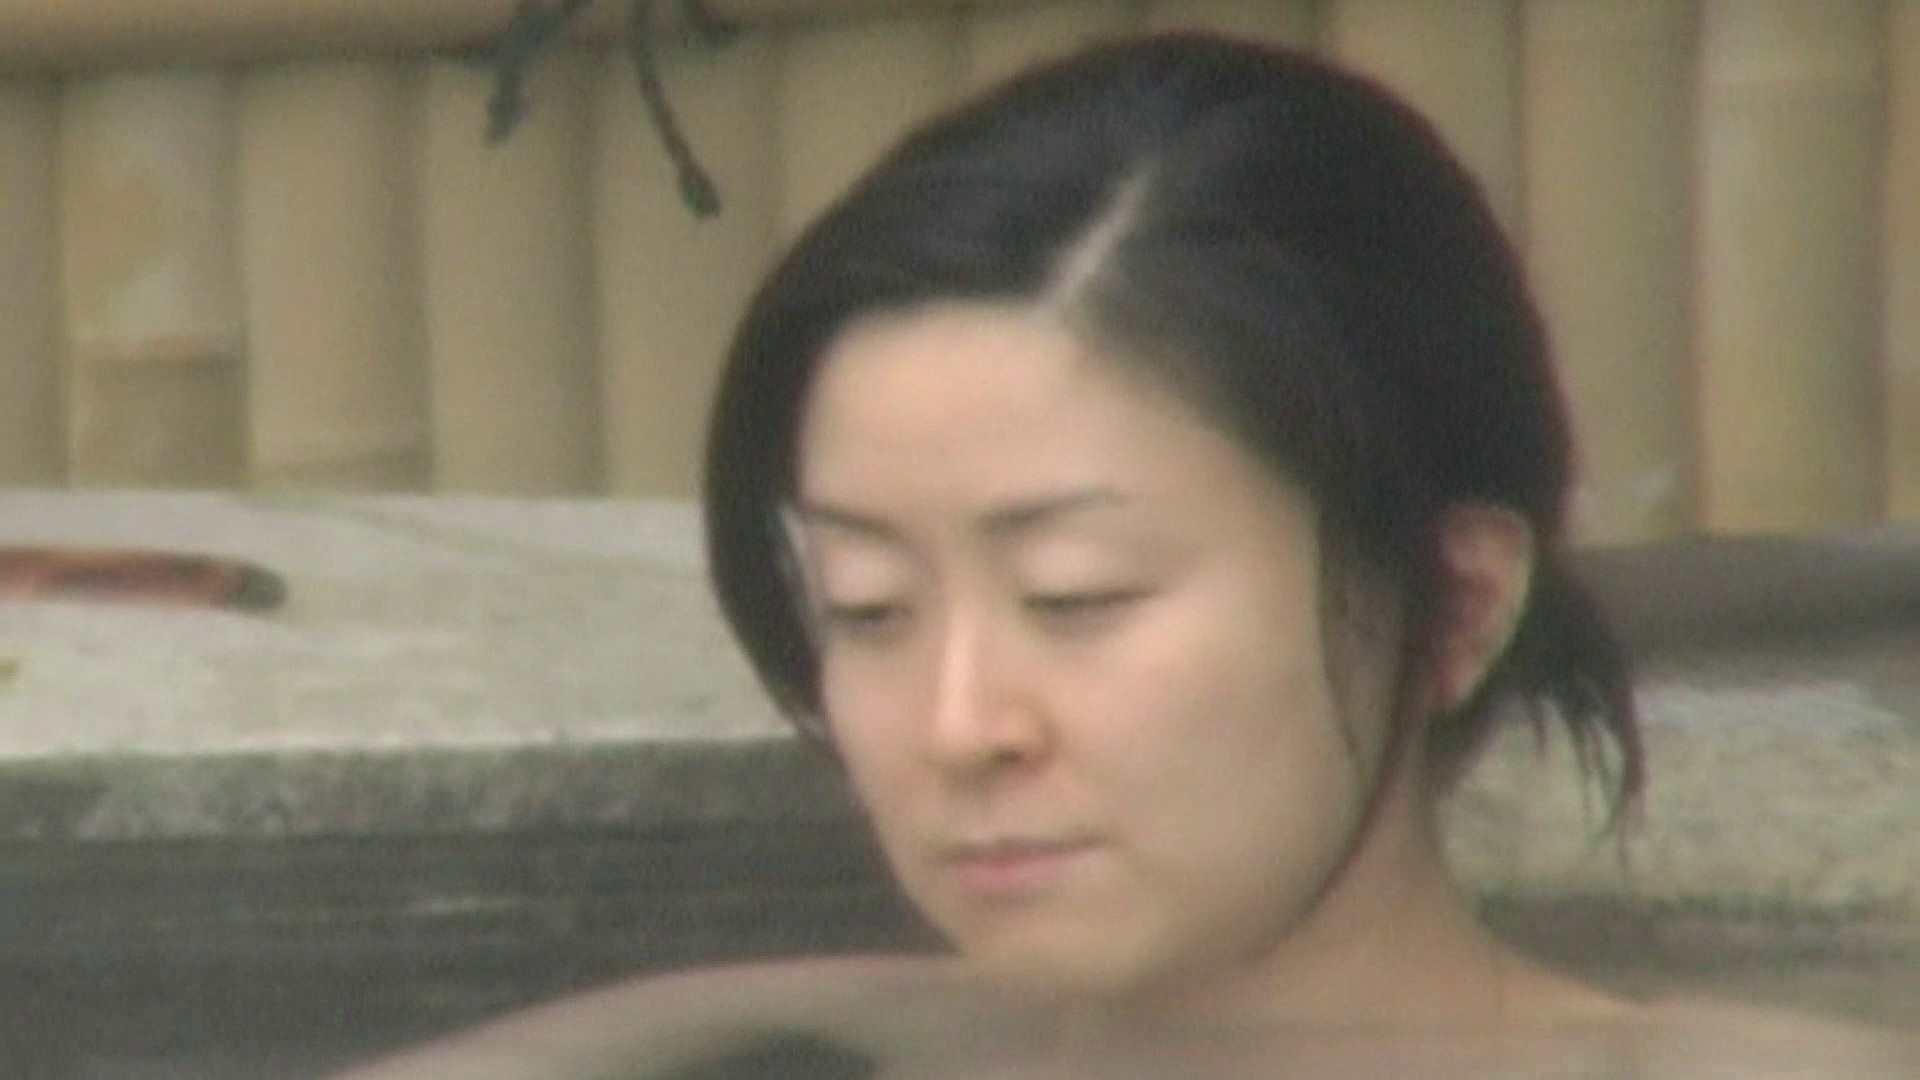 Aquaな露天風呂Vol.548 盗撮  103画像 48